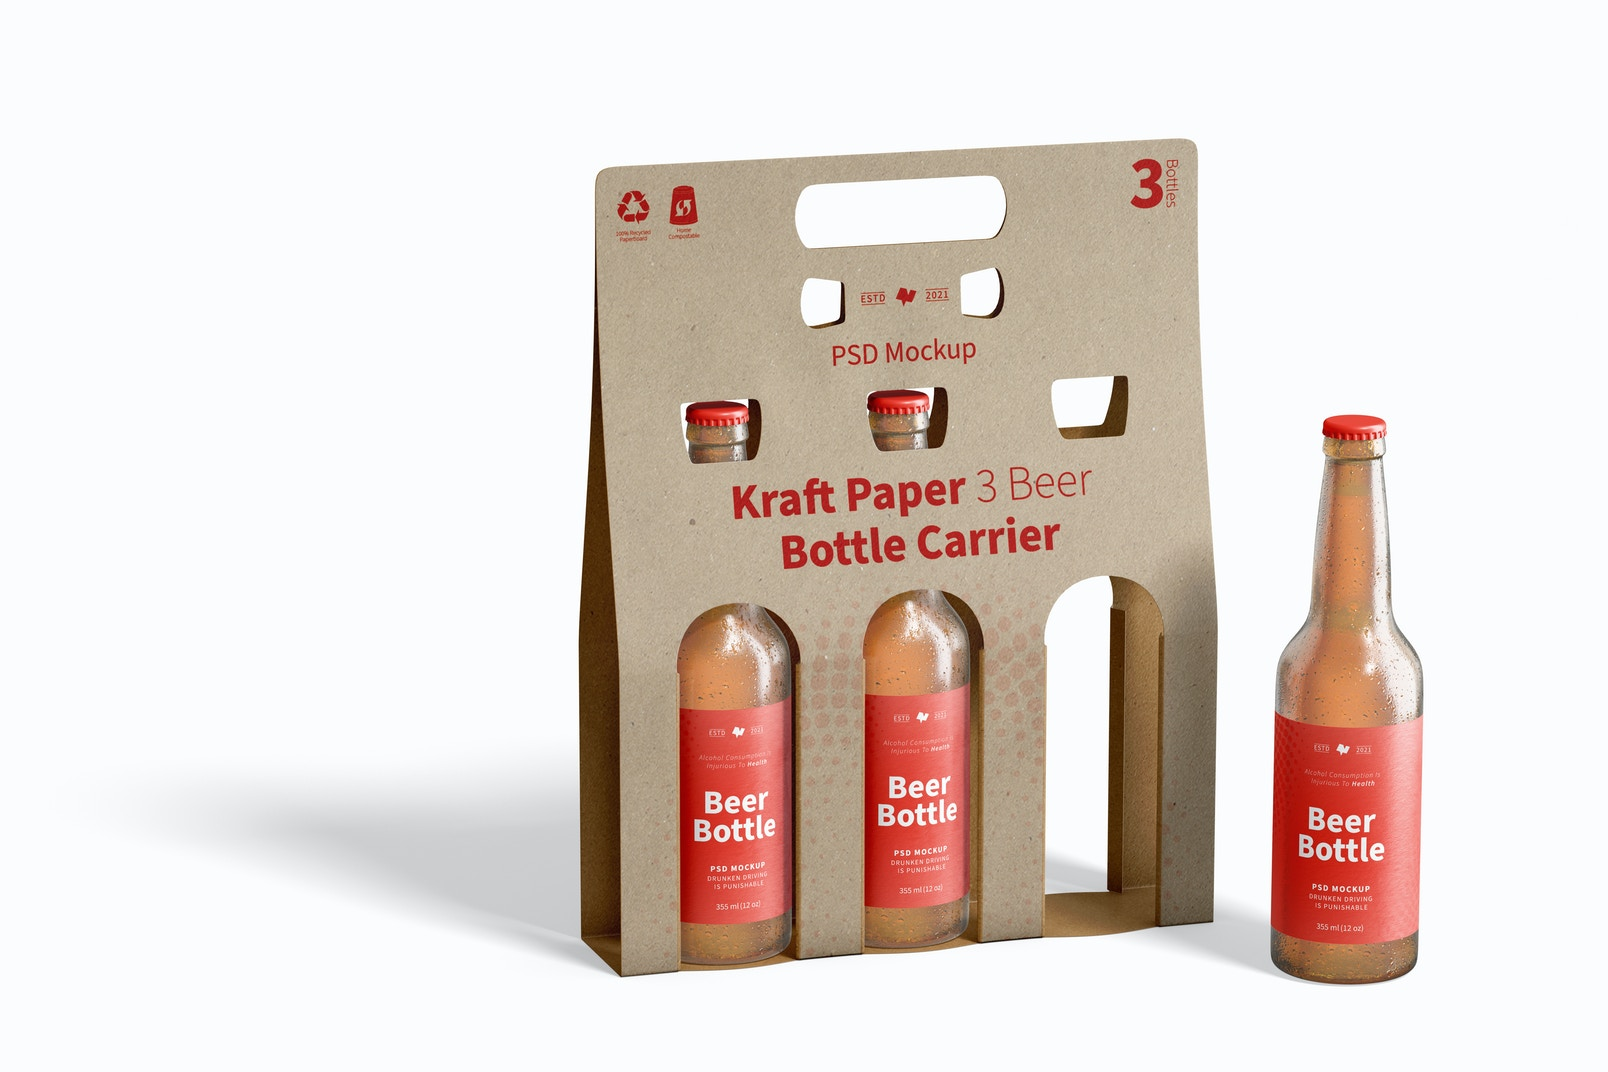 Kraft Paper 3 Beer Bottle Carrier Mockup